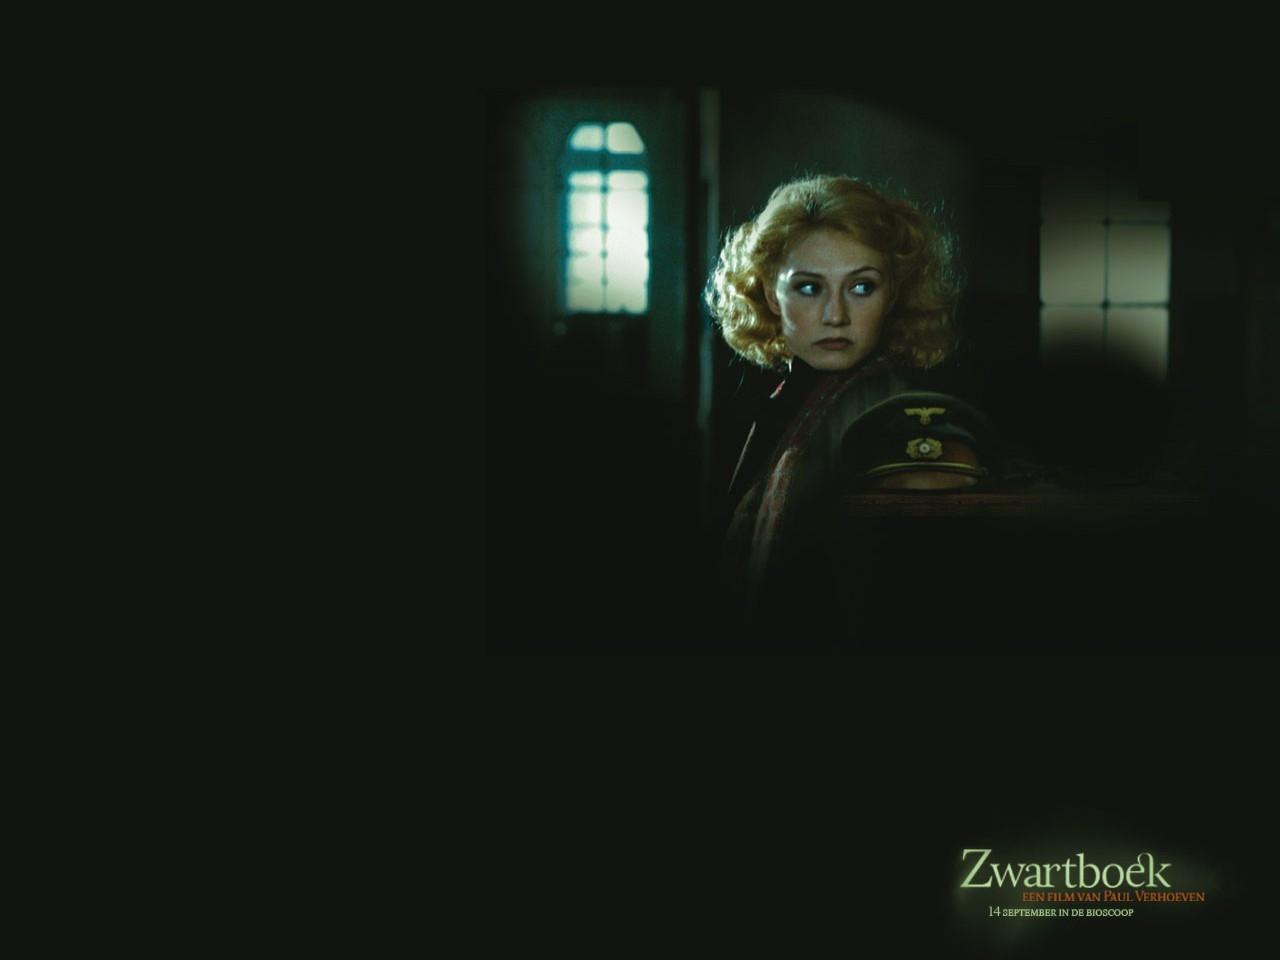 Wallpaper del film Black Book